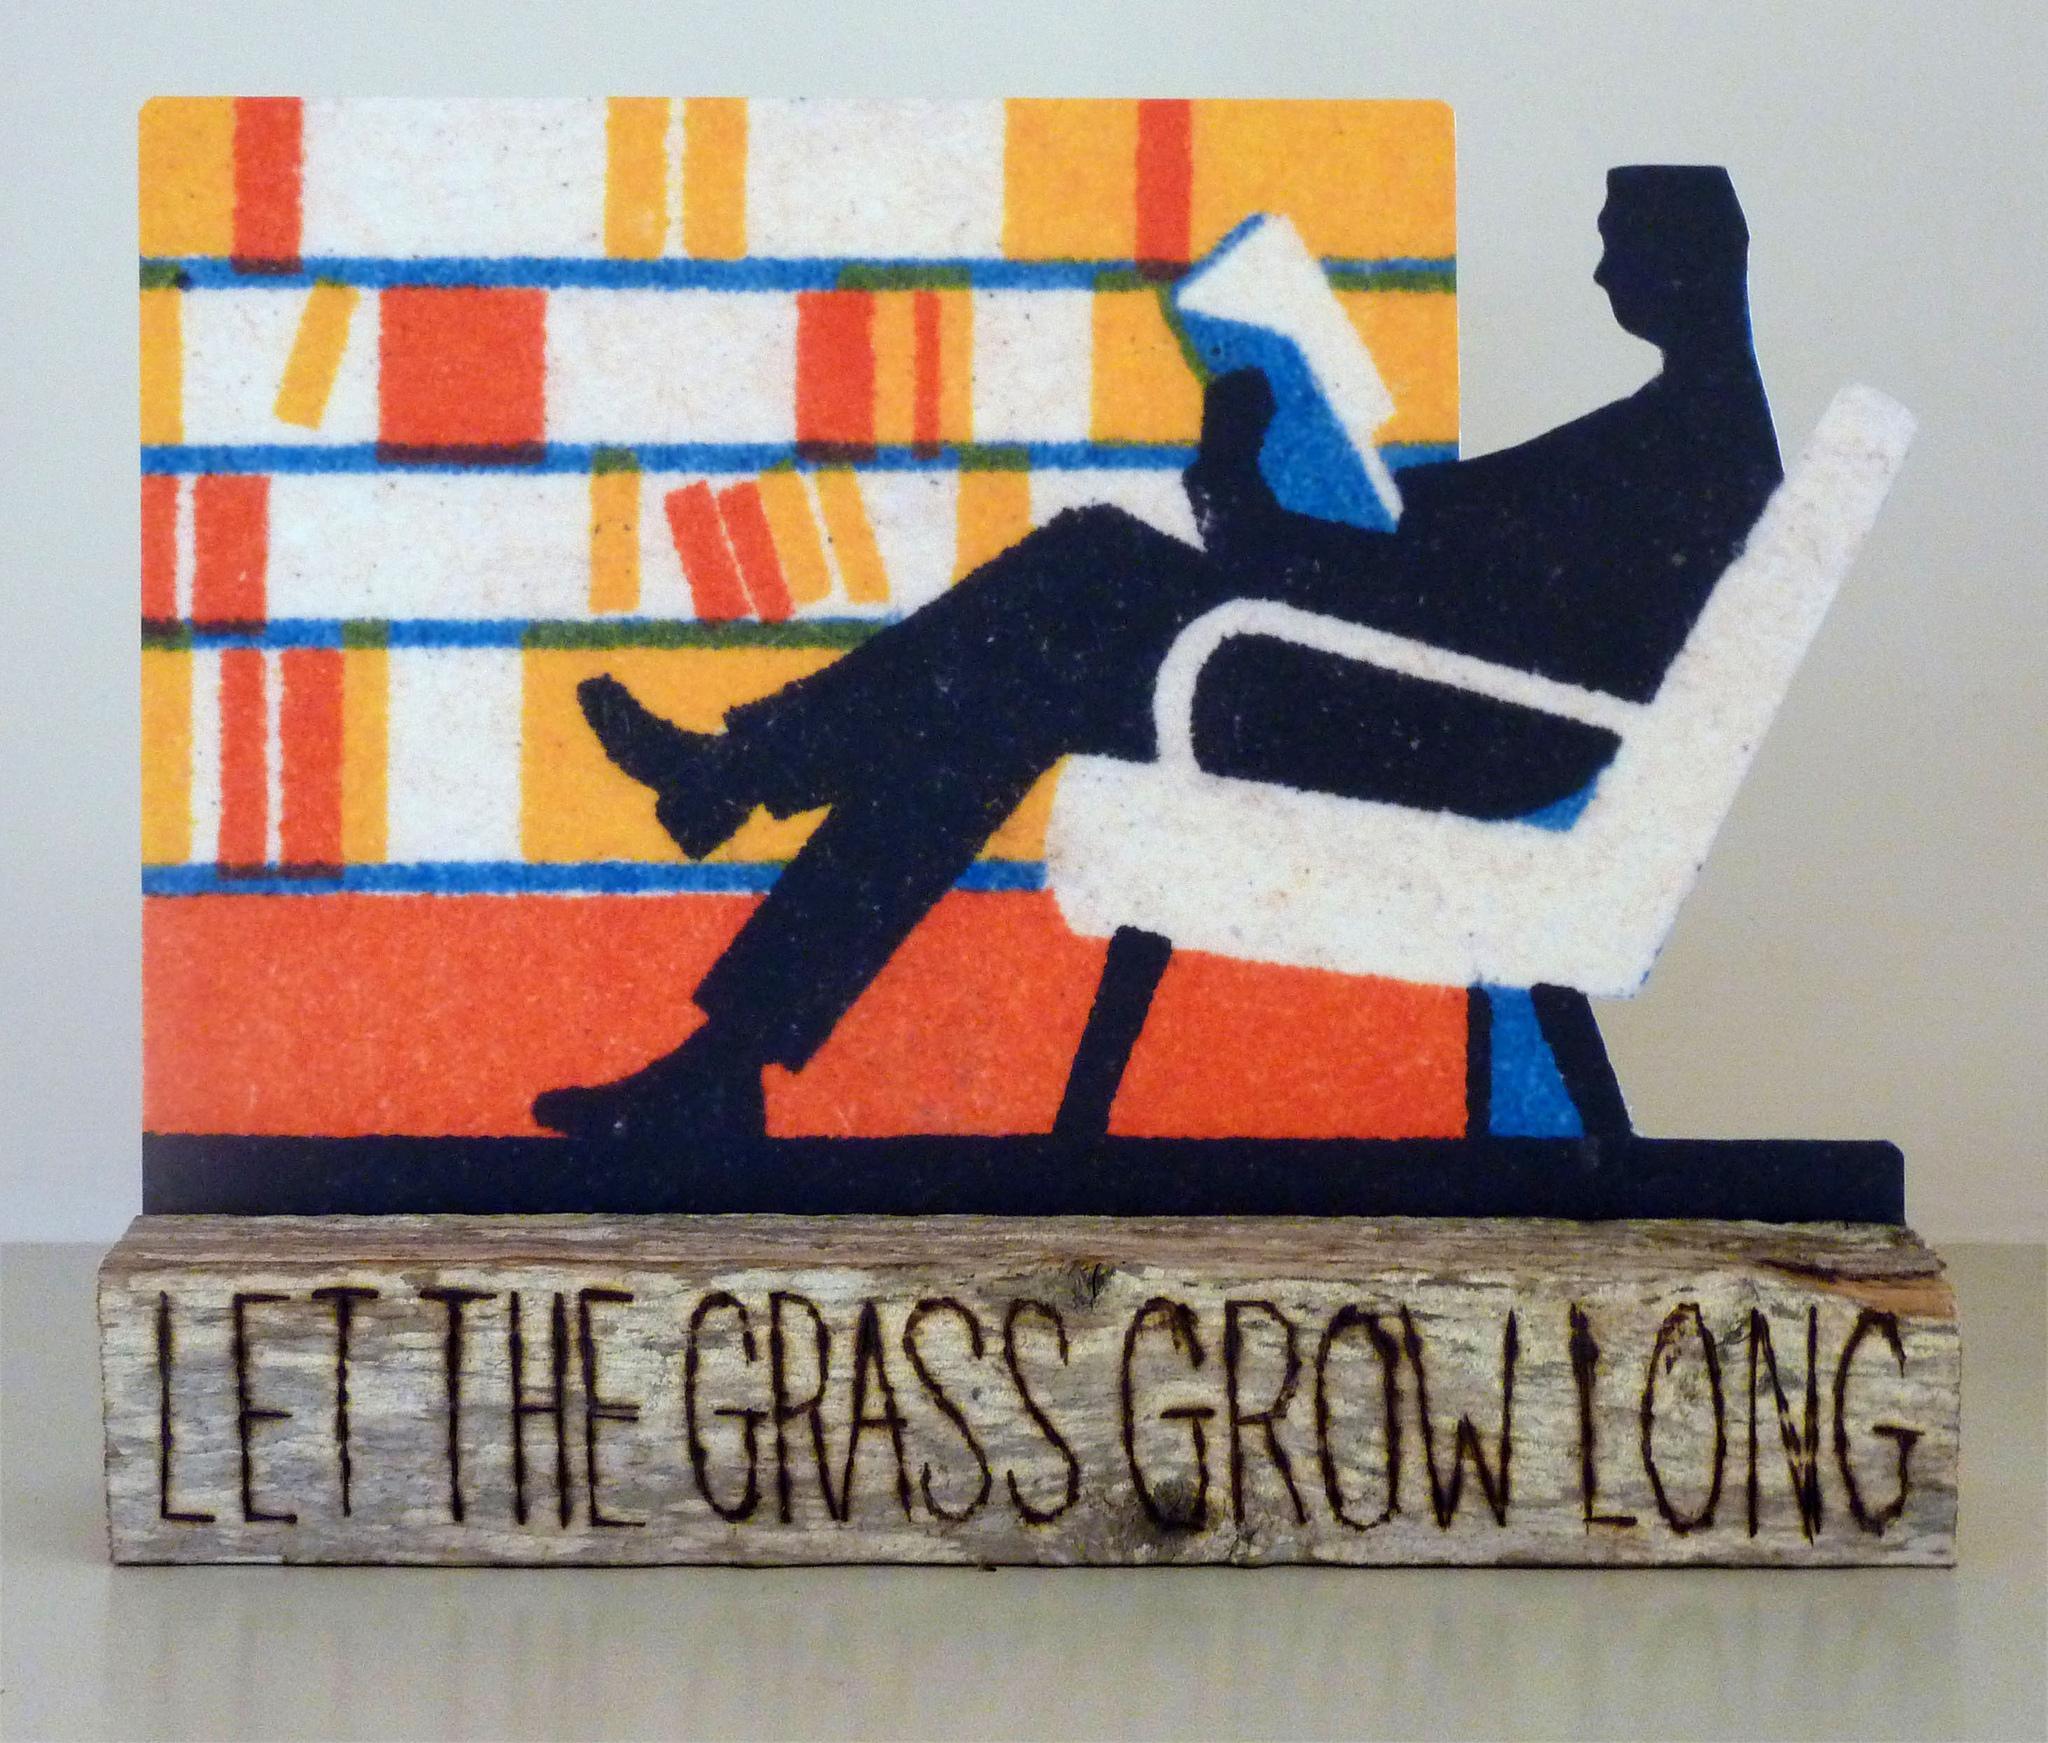 Literatura, pop, entretenimento, erudito… Como você classifica os livros?